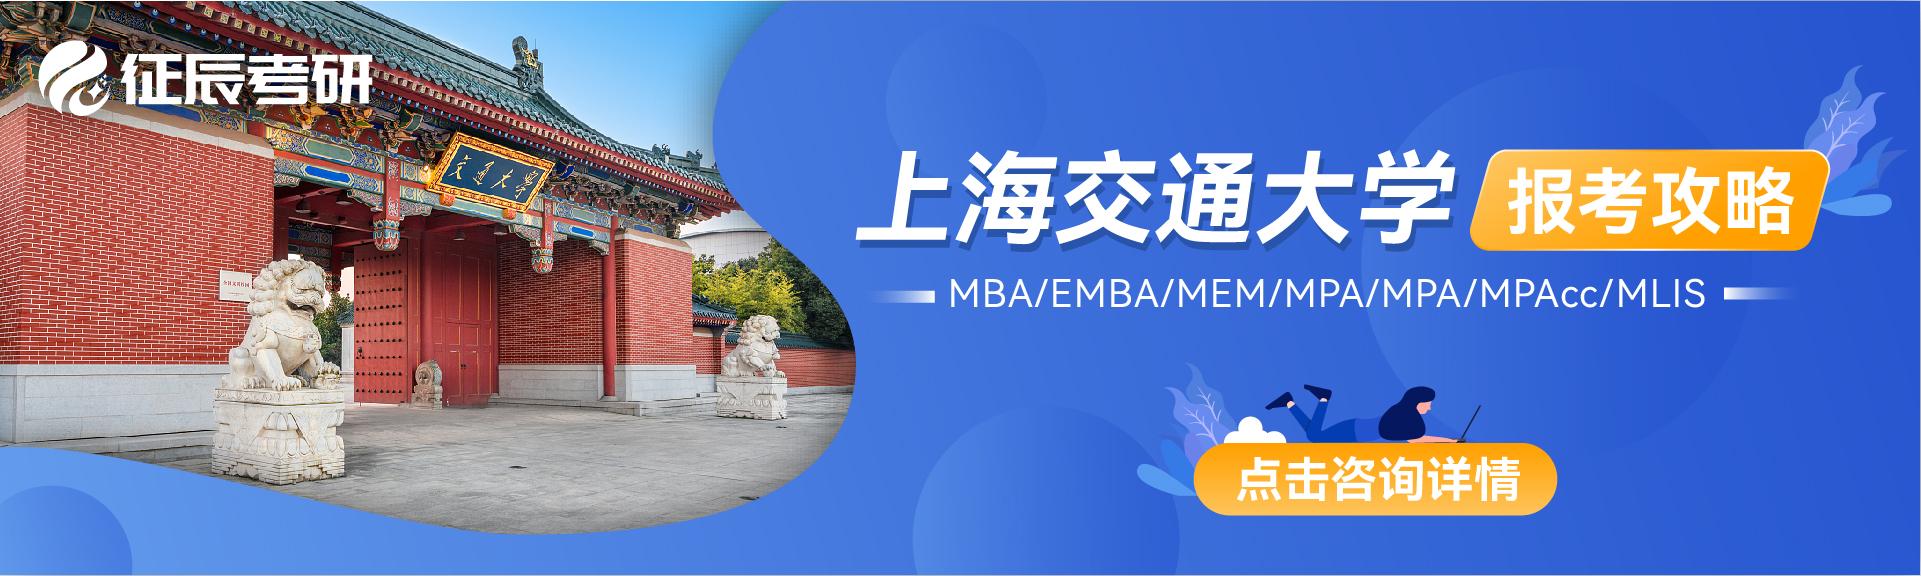 2022年入学上海交通大学MBA/EMBA/MPA/MPAcc/MEM项目介绍